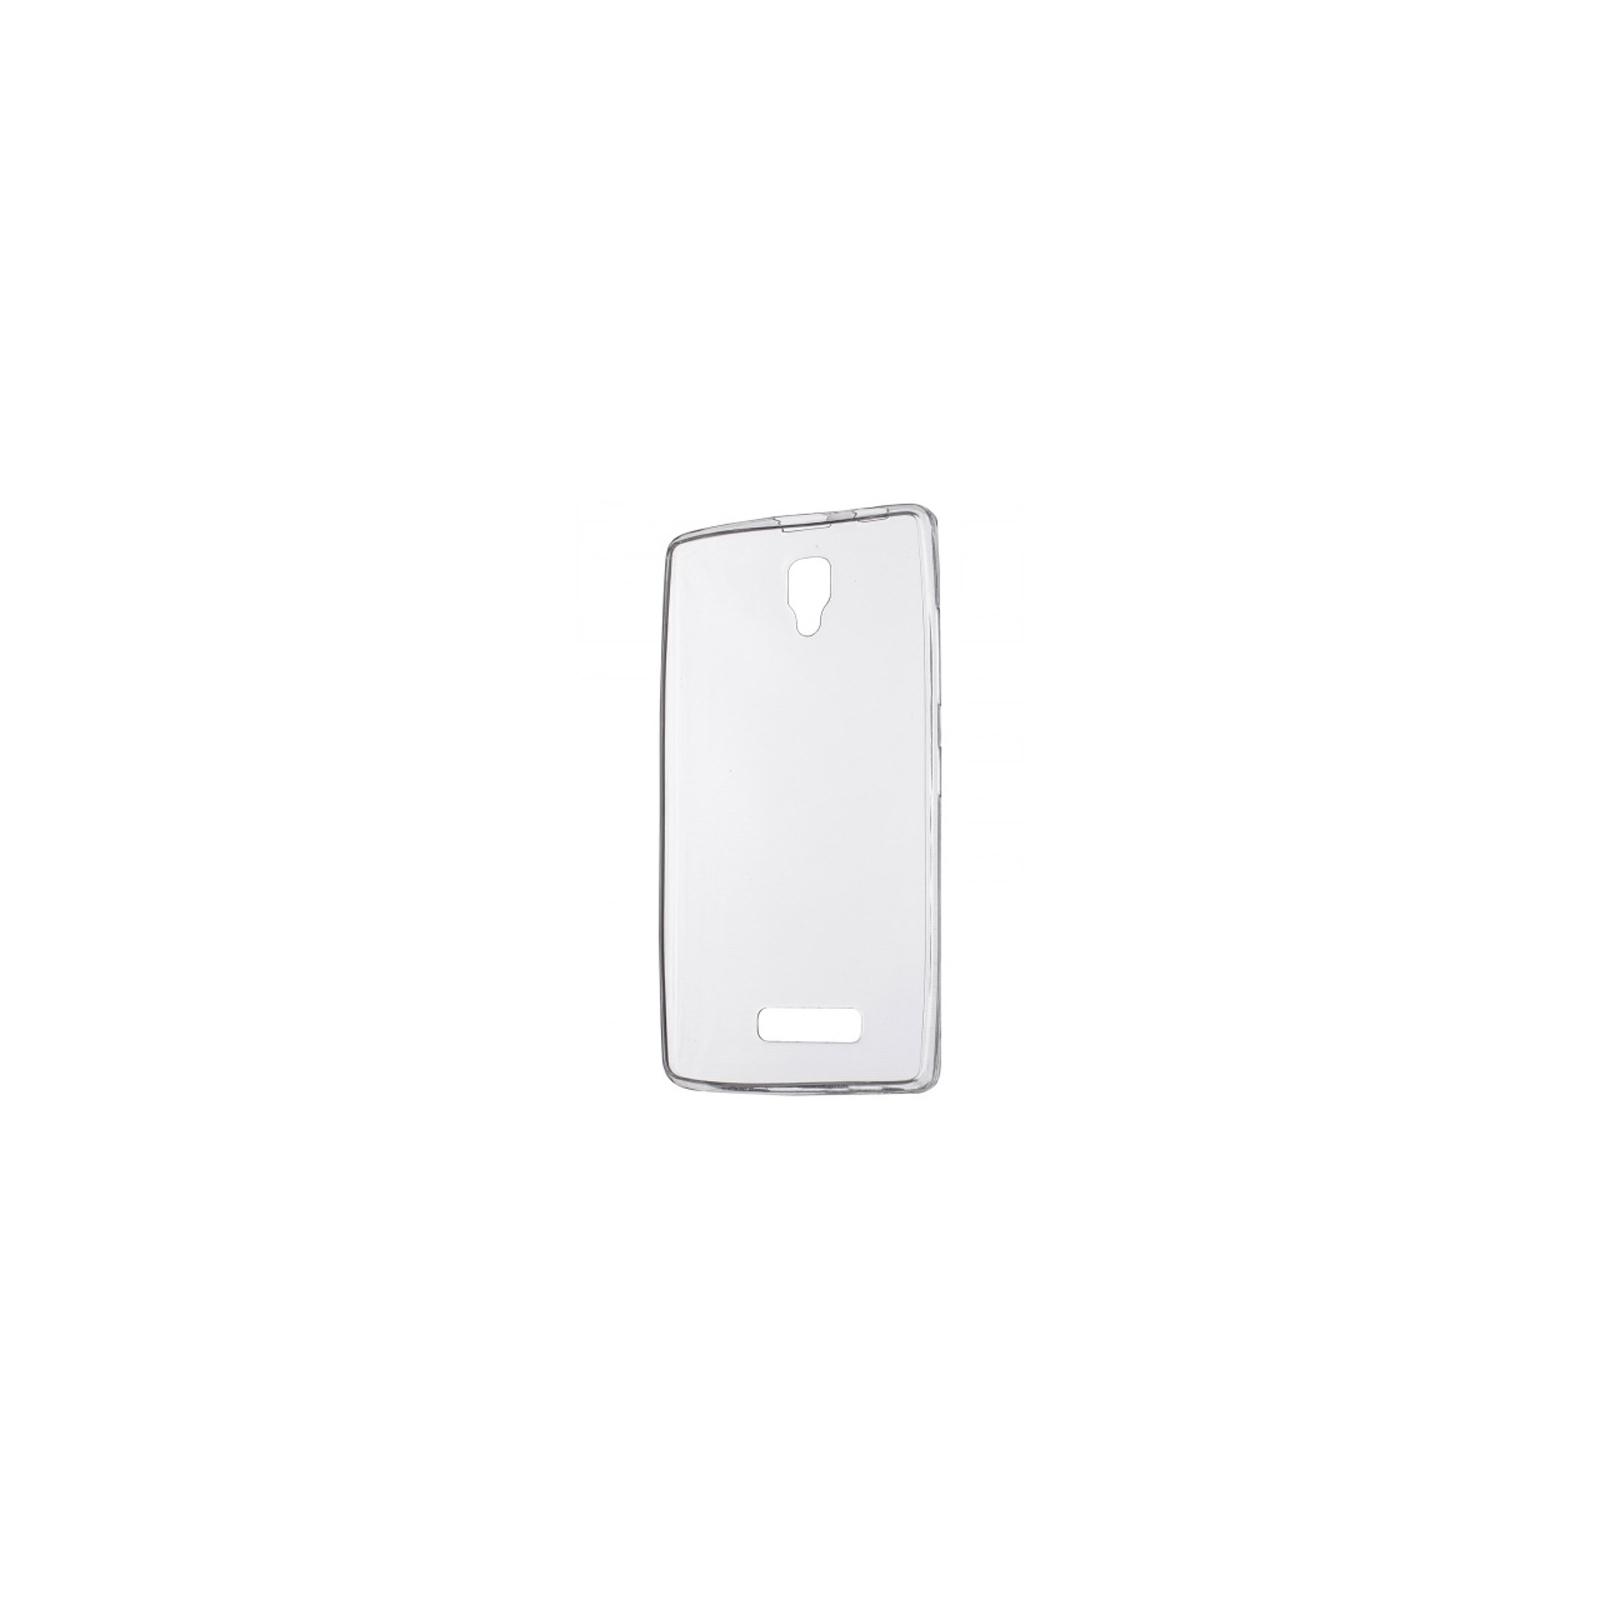 Чехол для моб. телефона Drobak для Lenovo A2010 (Clear) (219207) изображение 2